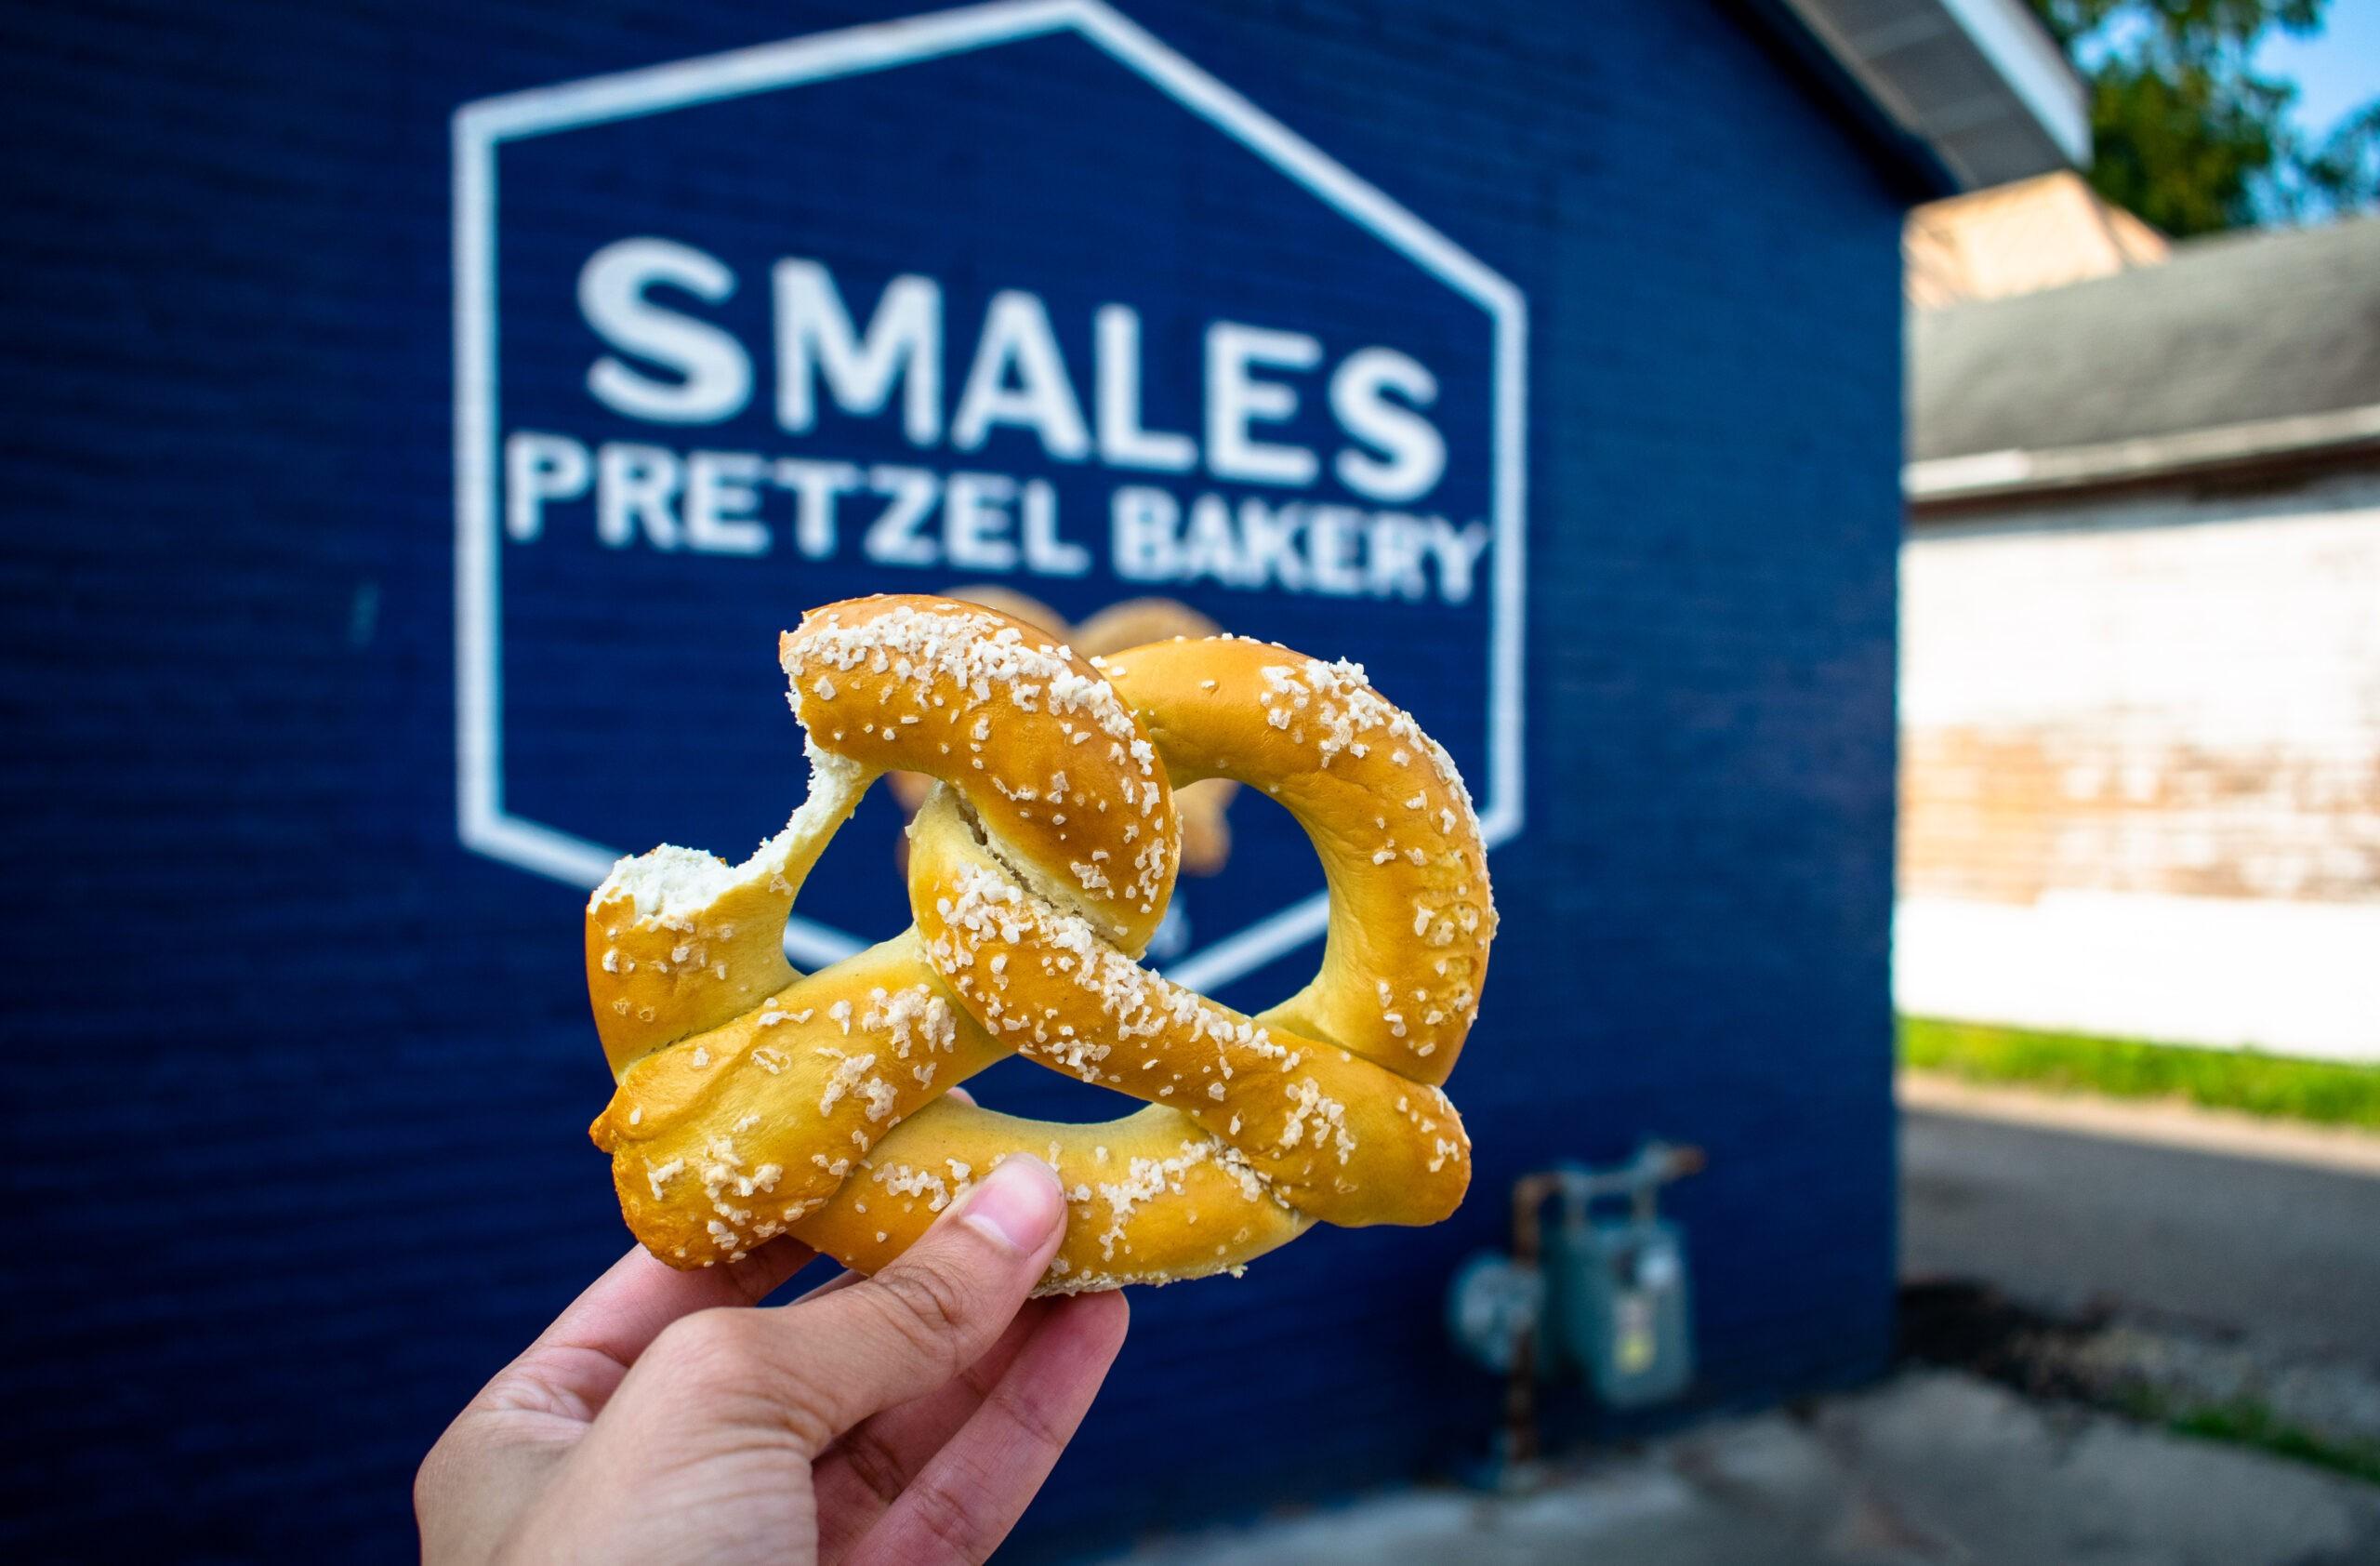 Smales Pretzel Bakery